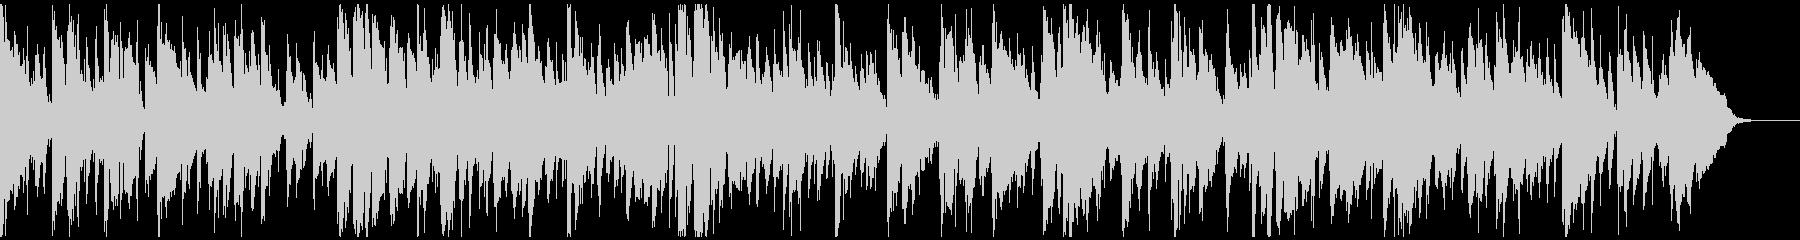 生演奏・渋い大人の雰囲気のジャズワルツの未再生の波形